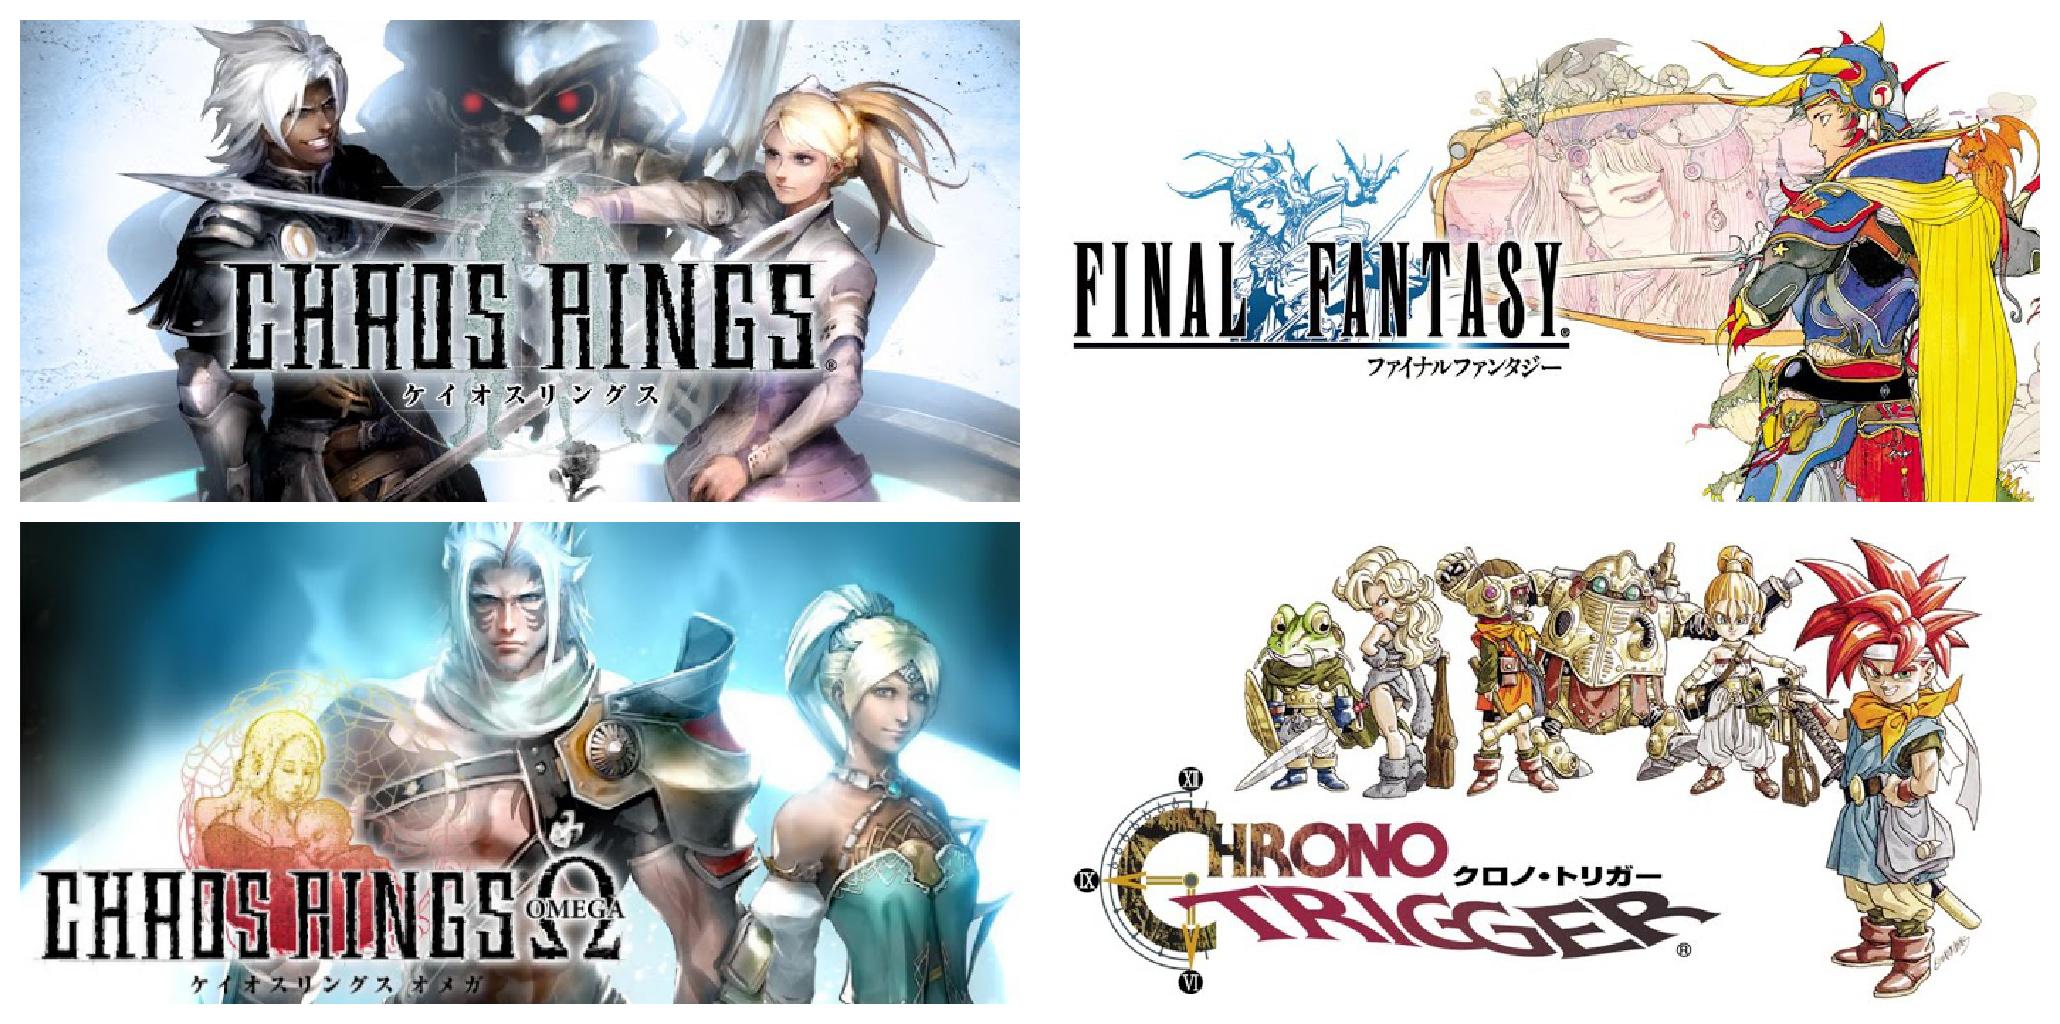 Square Enix releases Demon's Score, Final Fantasy II, and ...